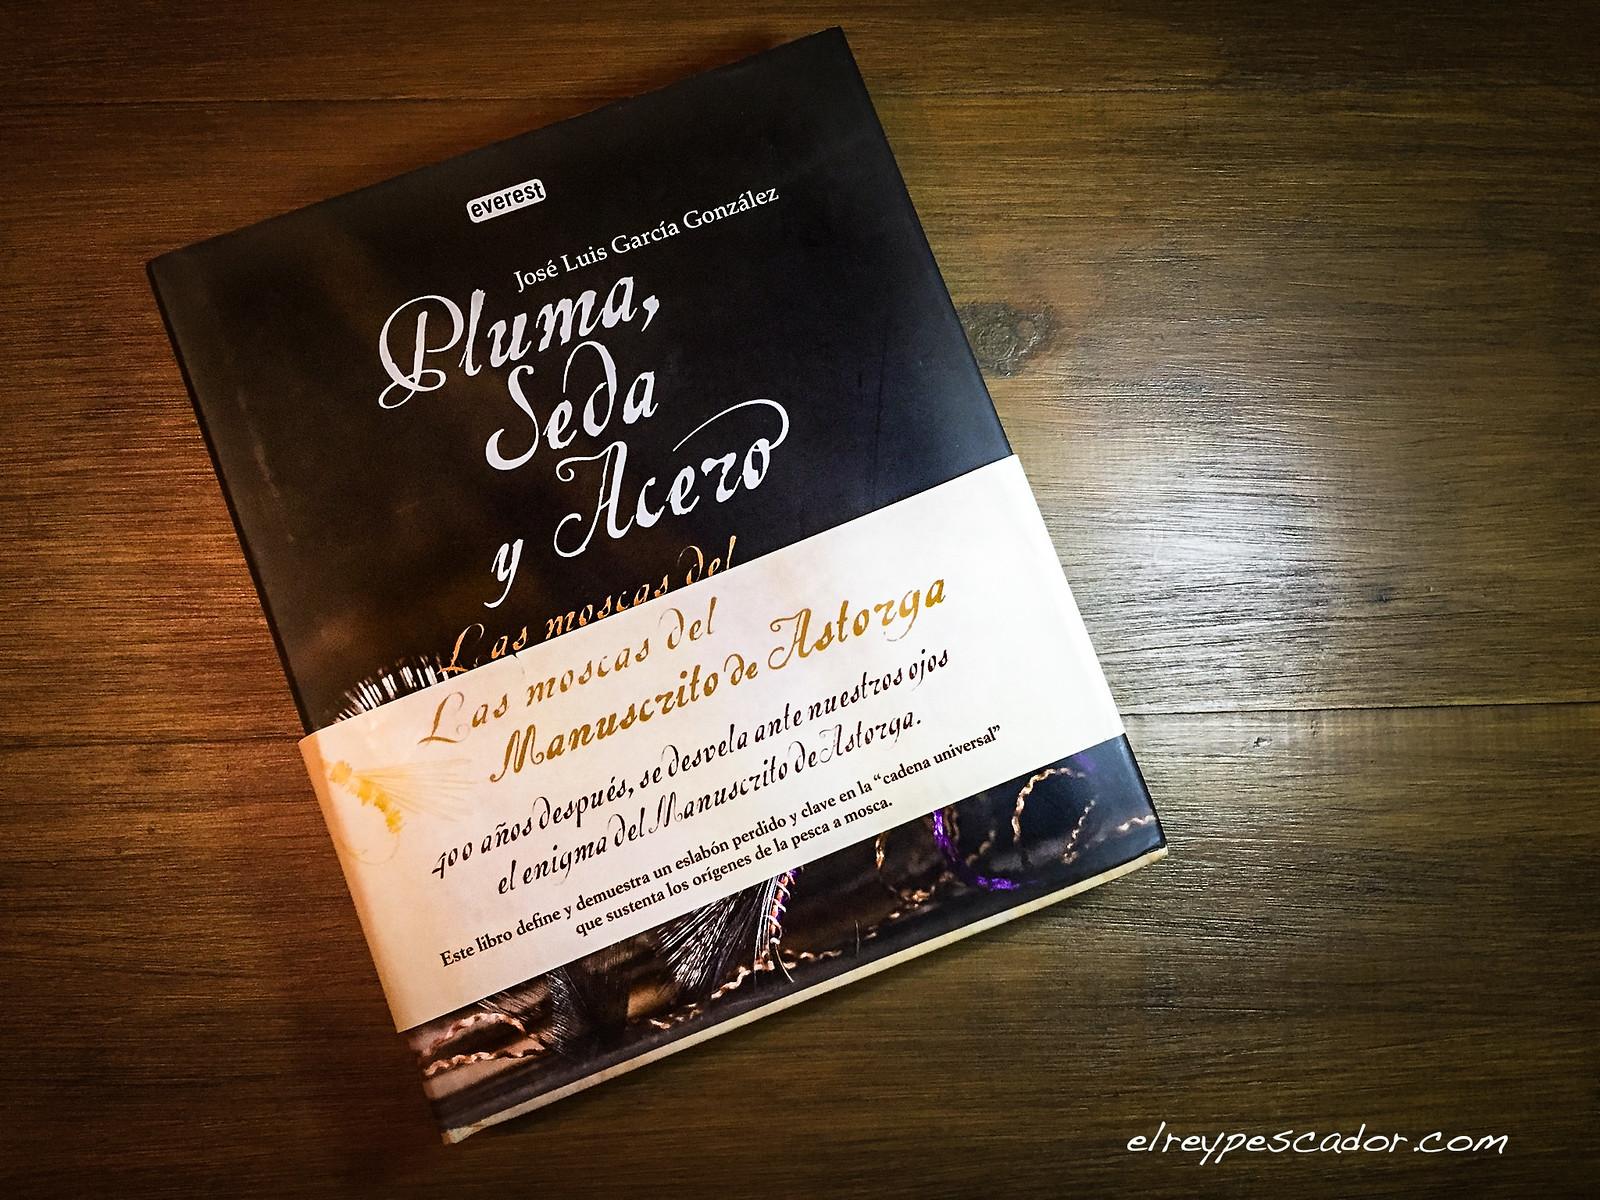 Pluma, seda y acero: las moscas del Manuscrito de Astorga